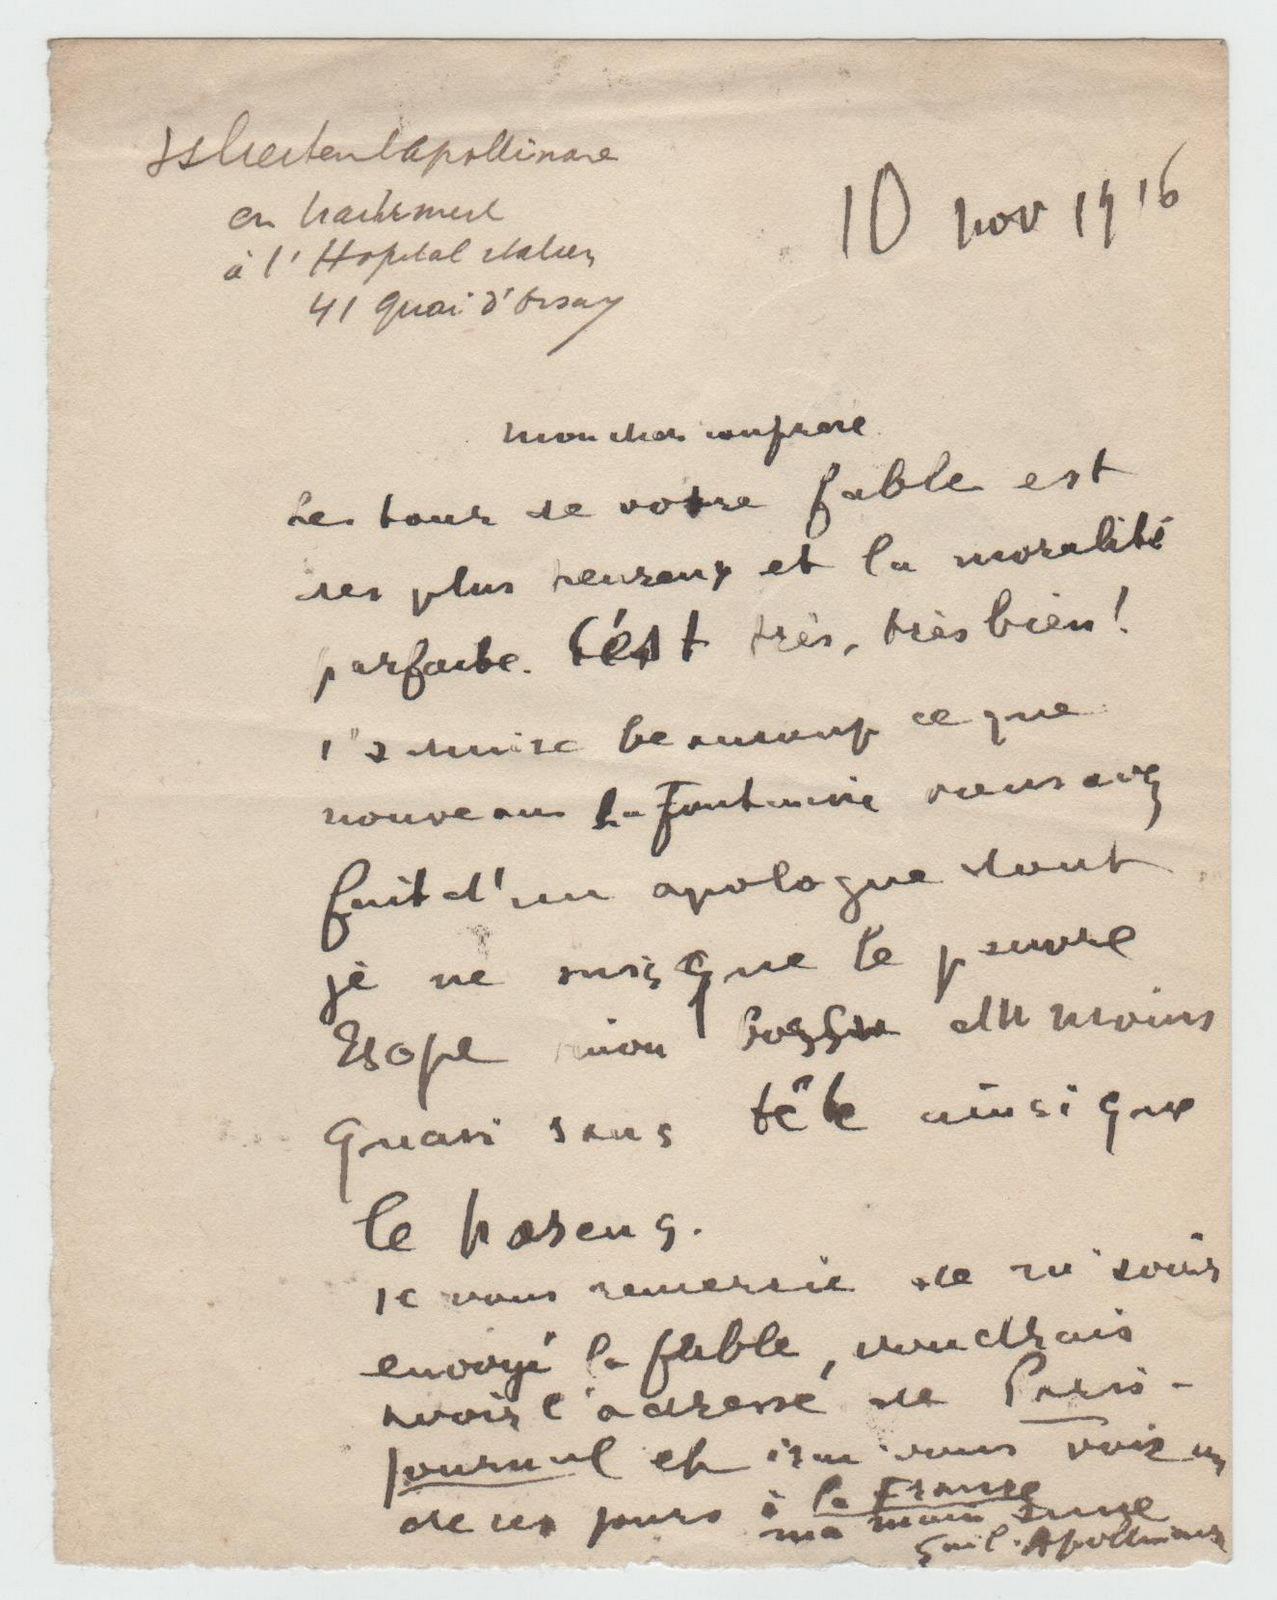 Guillaume APOLLINAIRE - Lettre autographe signée au poète GUILLOT DE SAIX (La Fontaine / Esope)